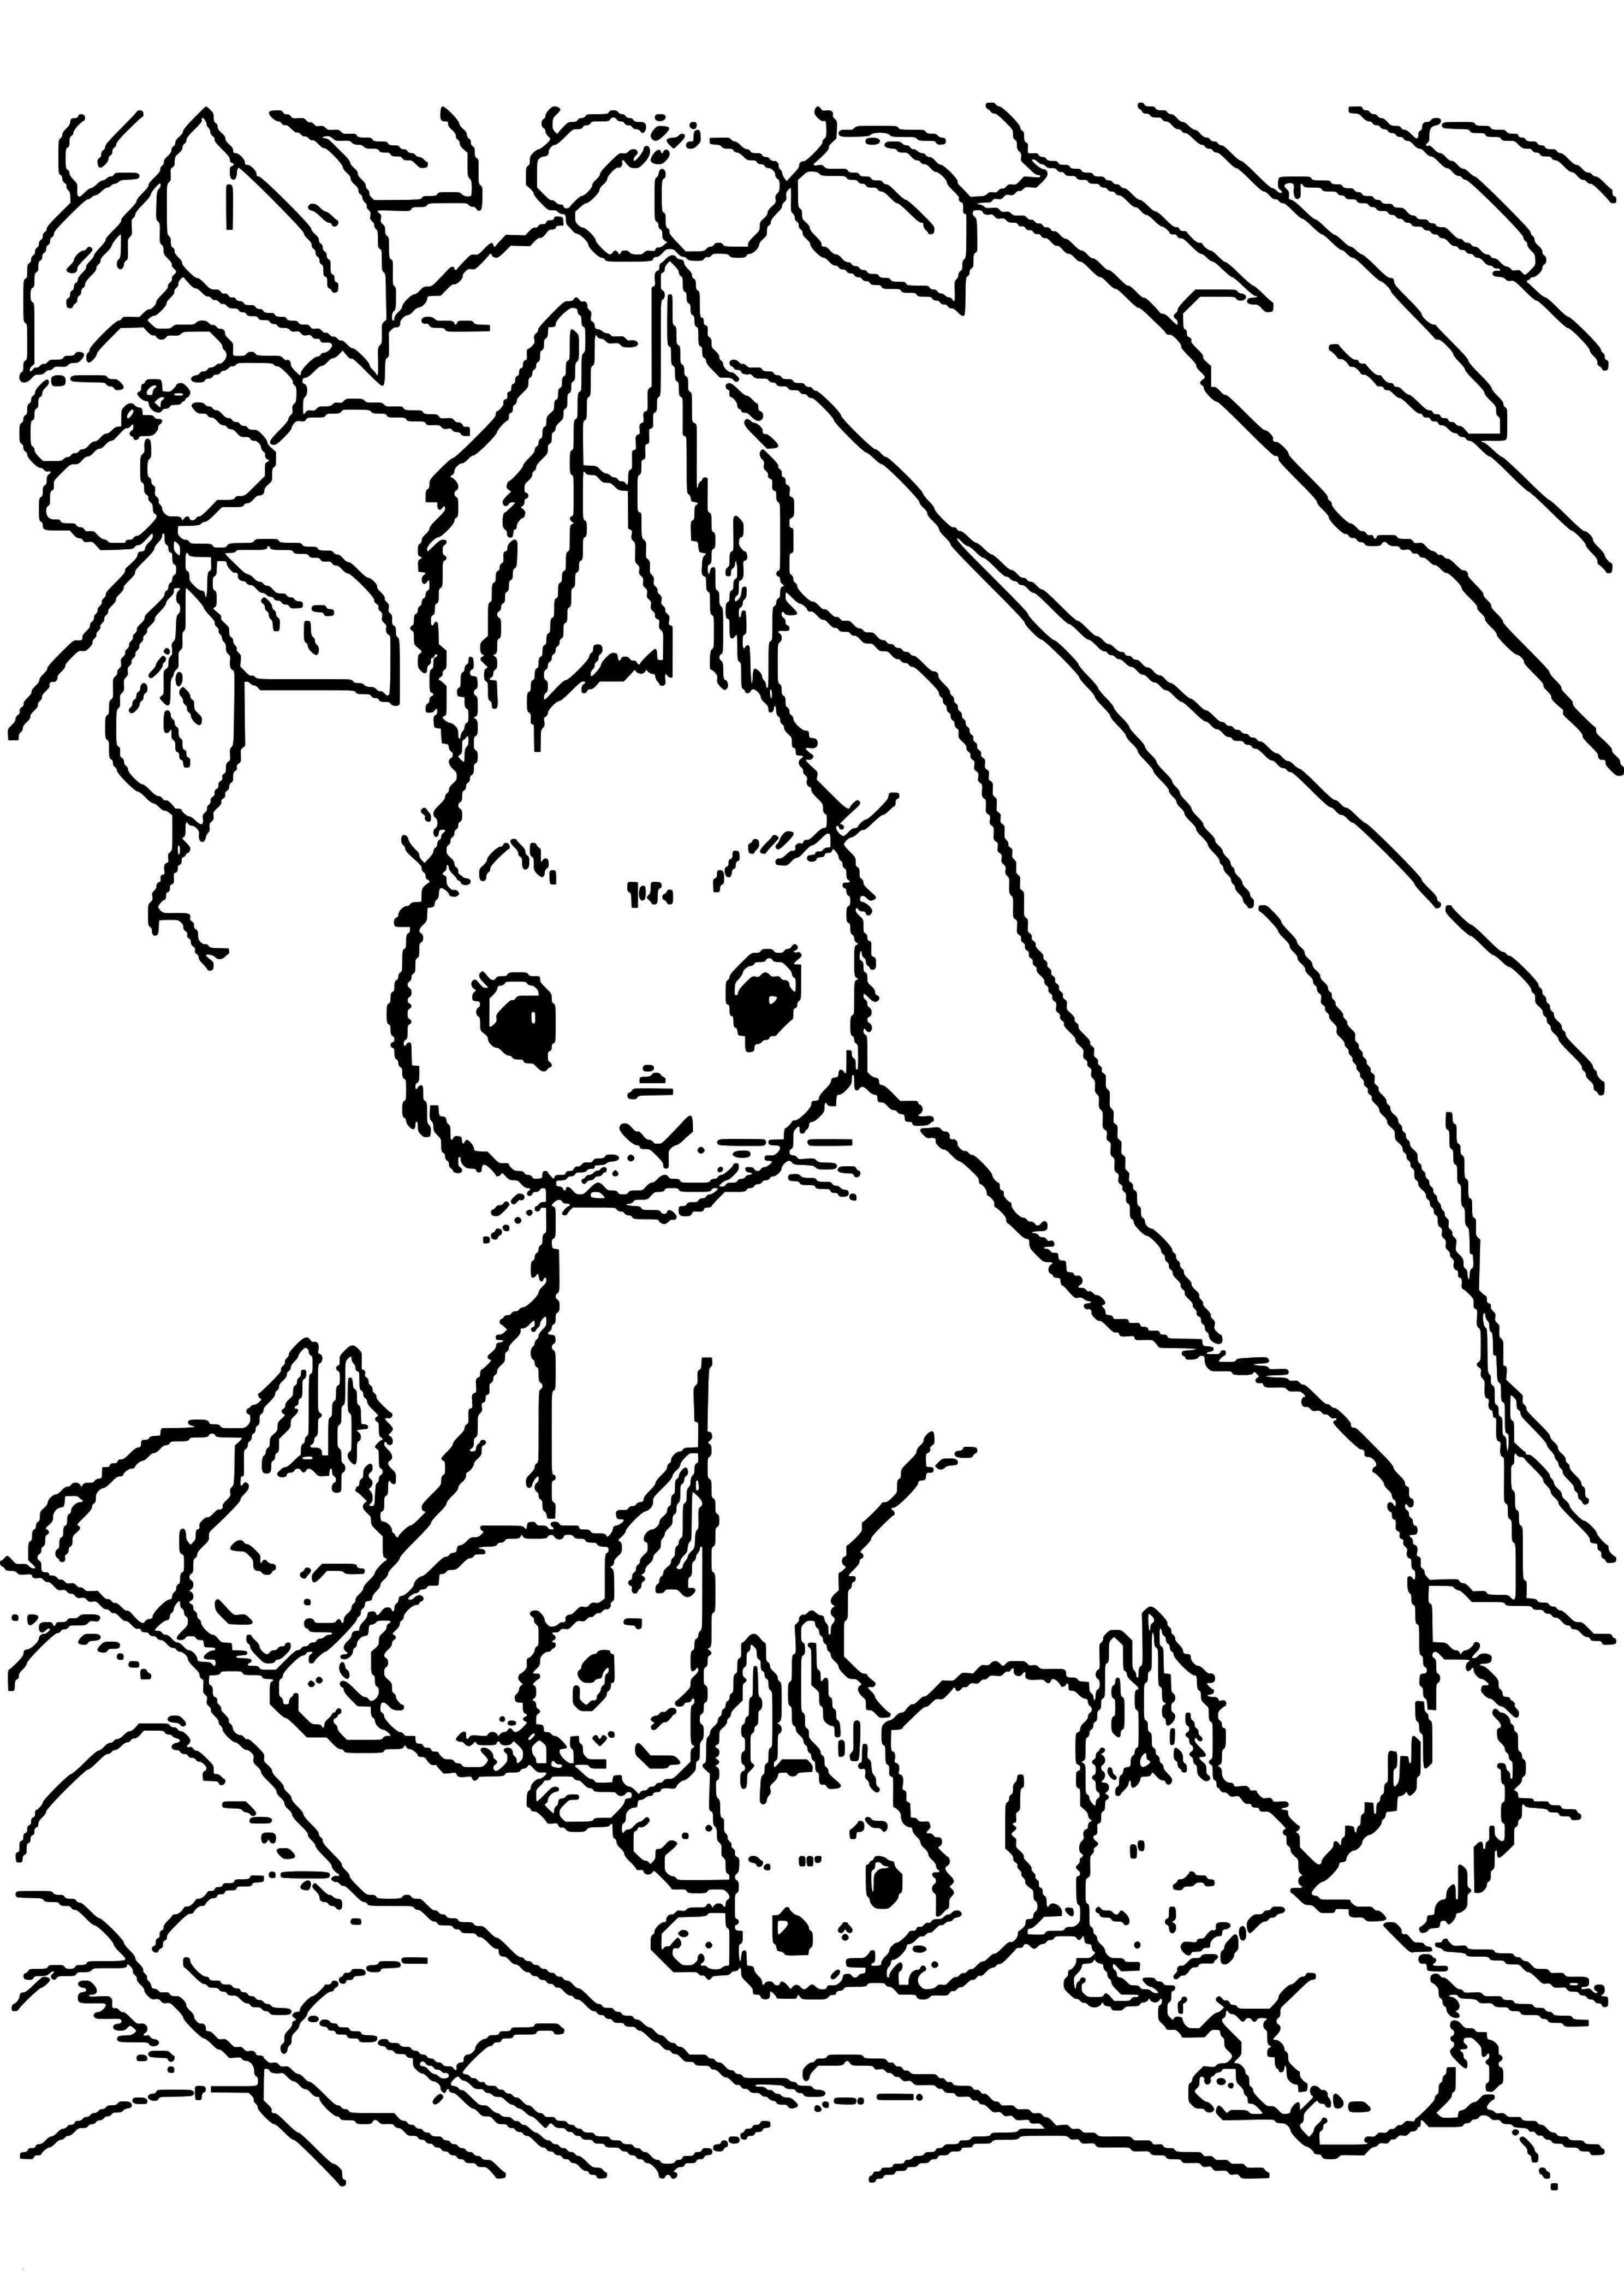 Hasen Bilder Zum Ausdrucken Kostenlos Neu 42 Luxus Kaninchen Ausmalbilder Beste Malvorlage Stock